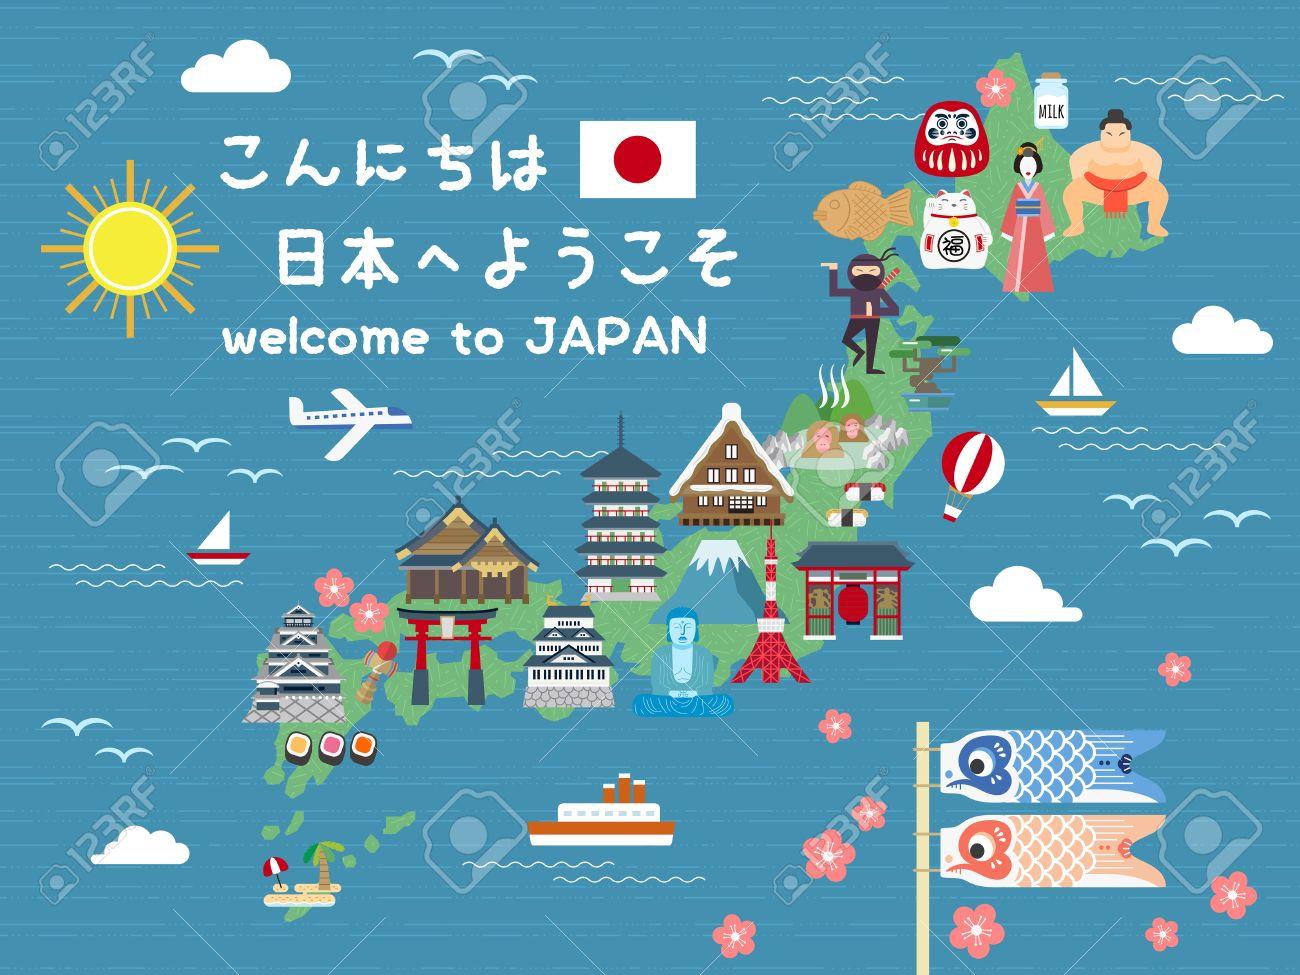 素敵な日本旅行マップ - こんに...